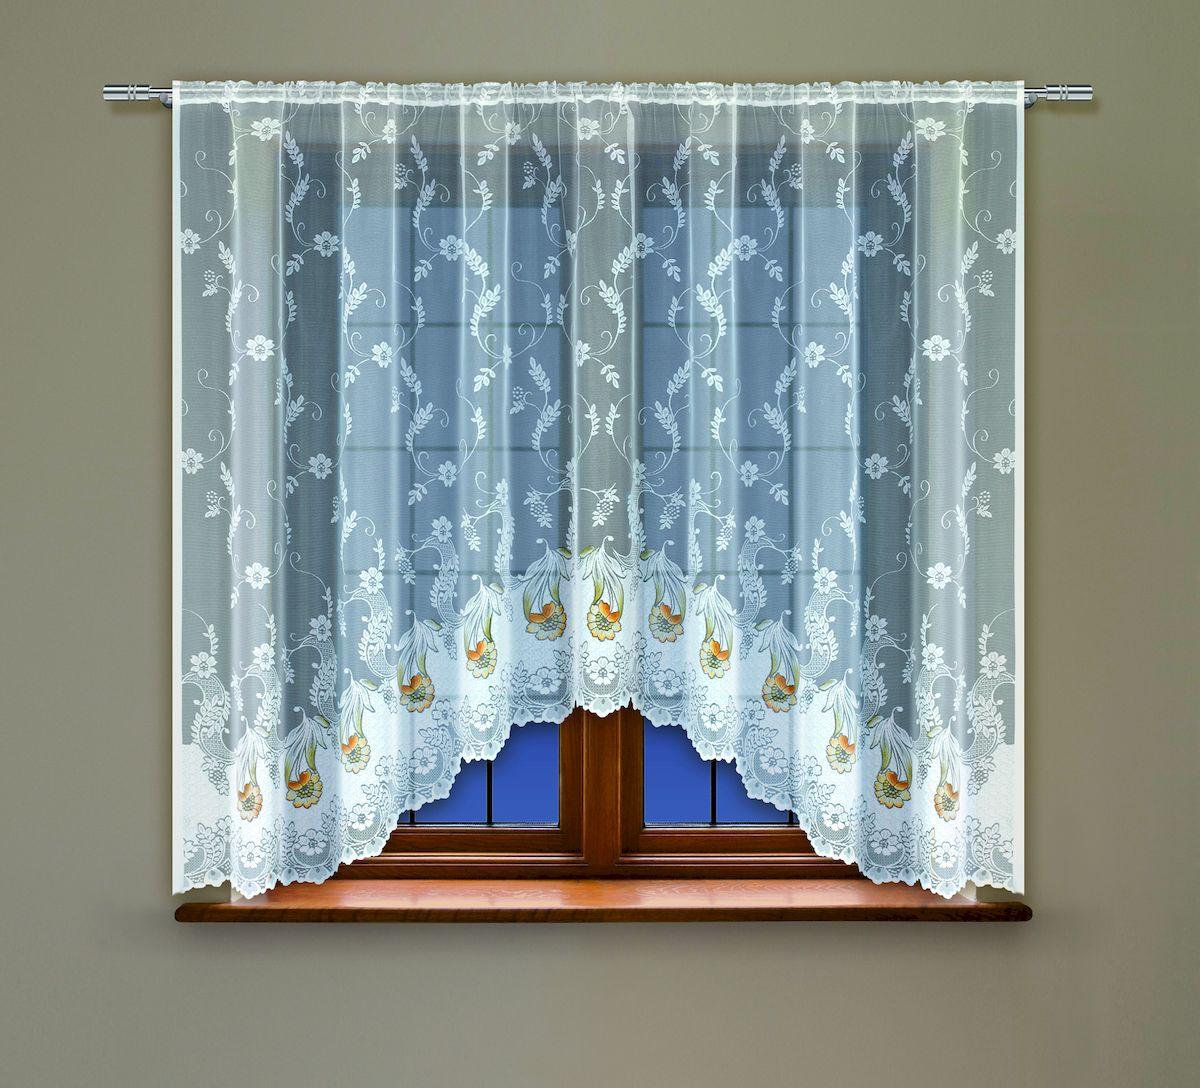 Гардина Haft, на кулиске, цвет: белый, высота 137 см. 20850160184_ЛЕНТАВоздушная гардина Haft, выполненная из полиэстера, великолепно украсит любое окно.Изделие имеет оригинальный дизайн и органично впишется в интерьер помещения.Гардина крепится на карниз при помощи кулиски.